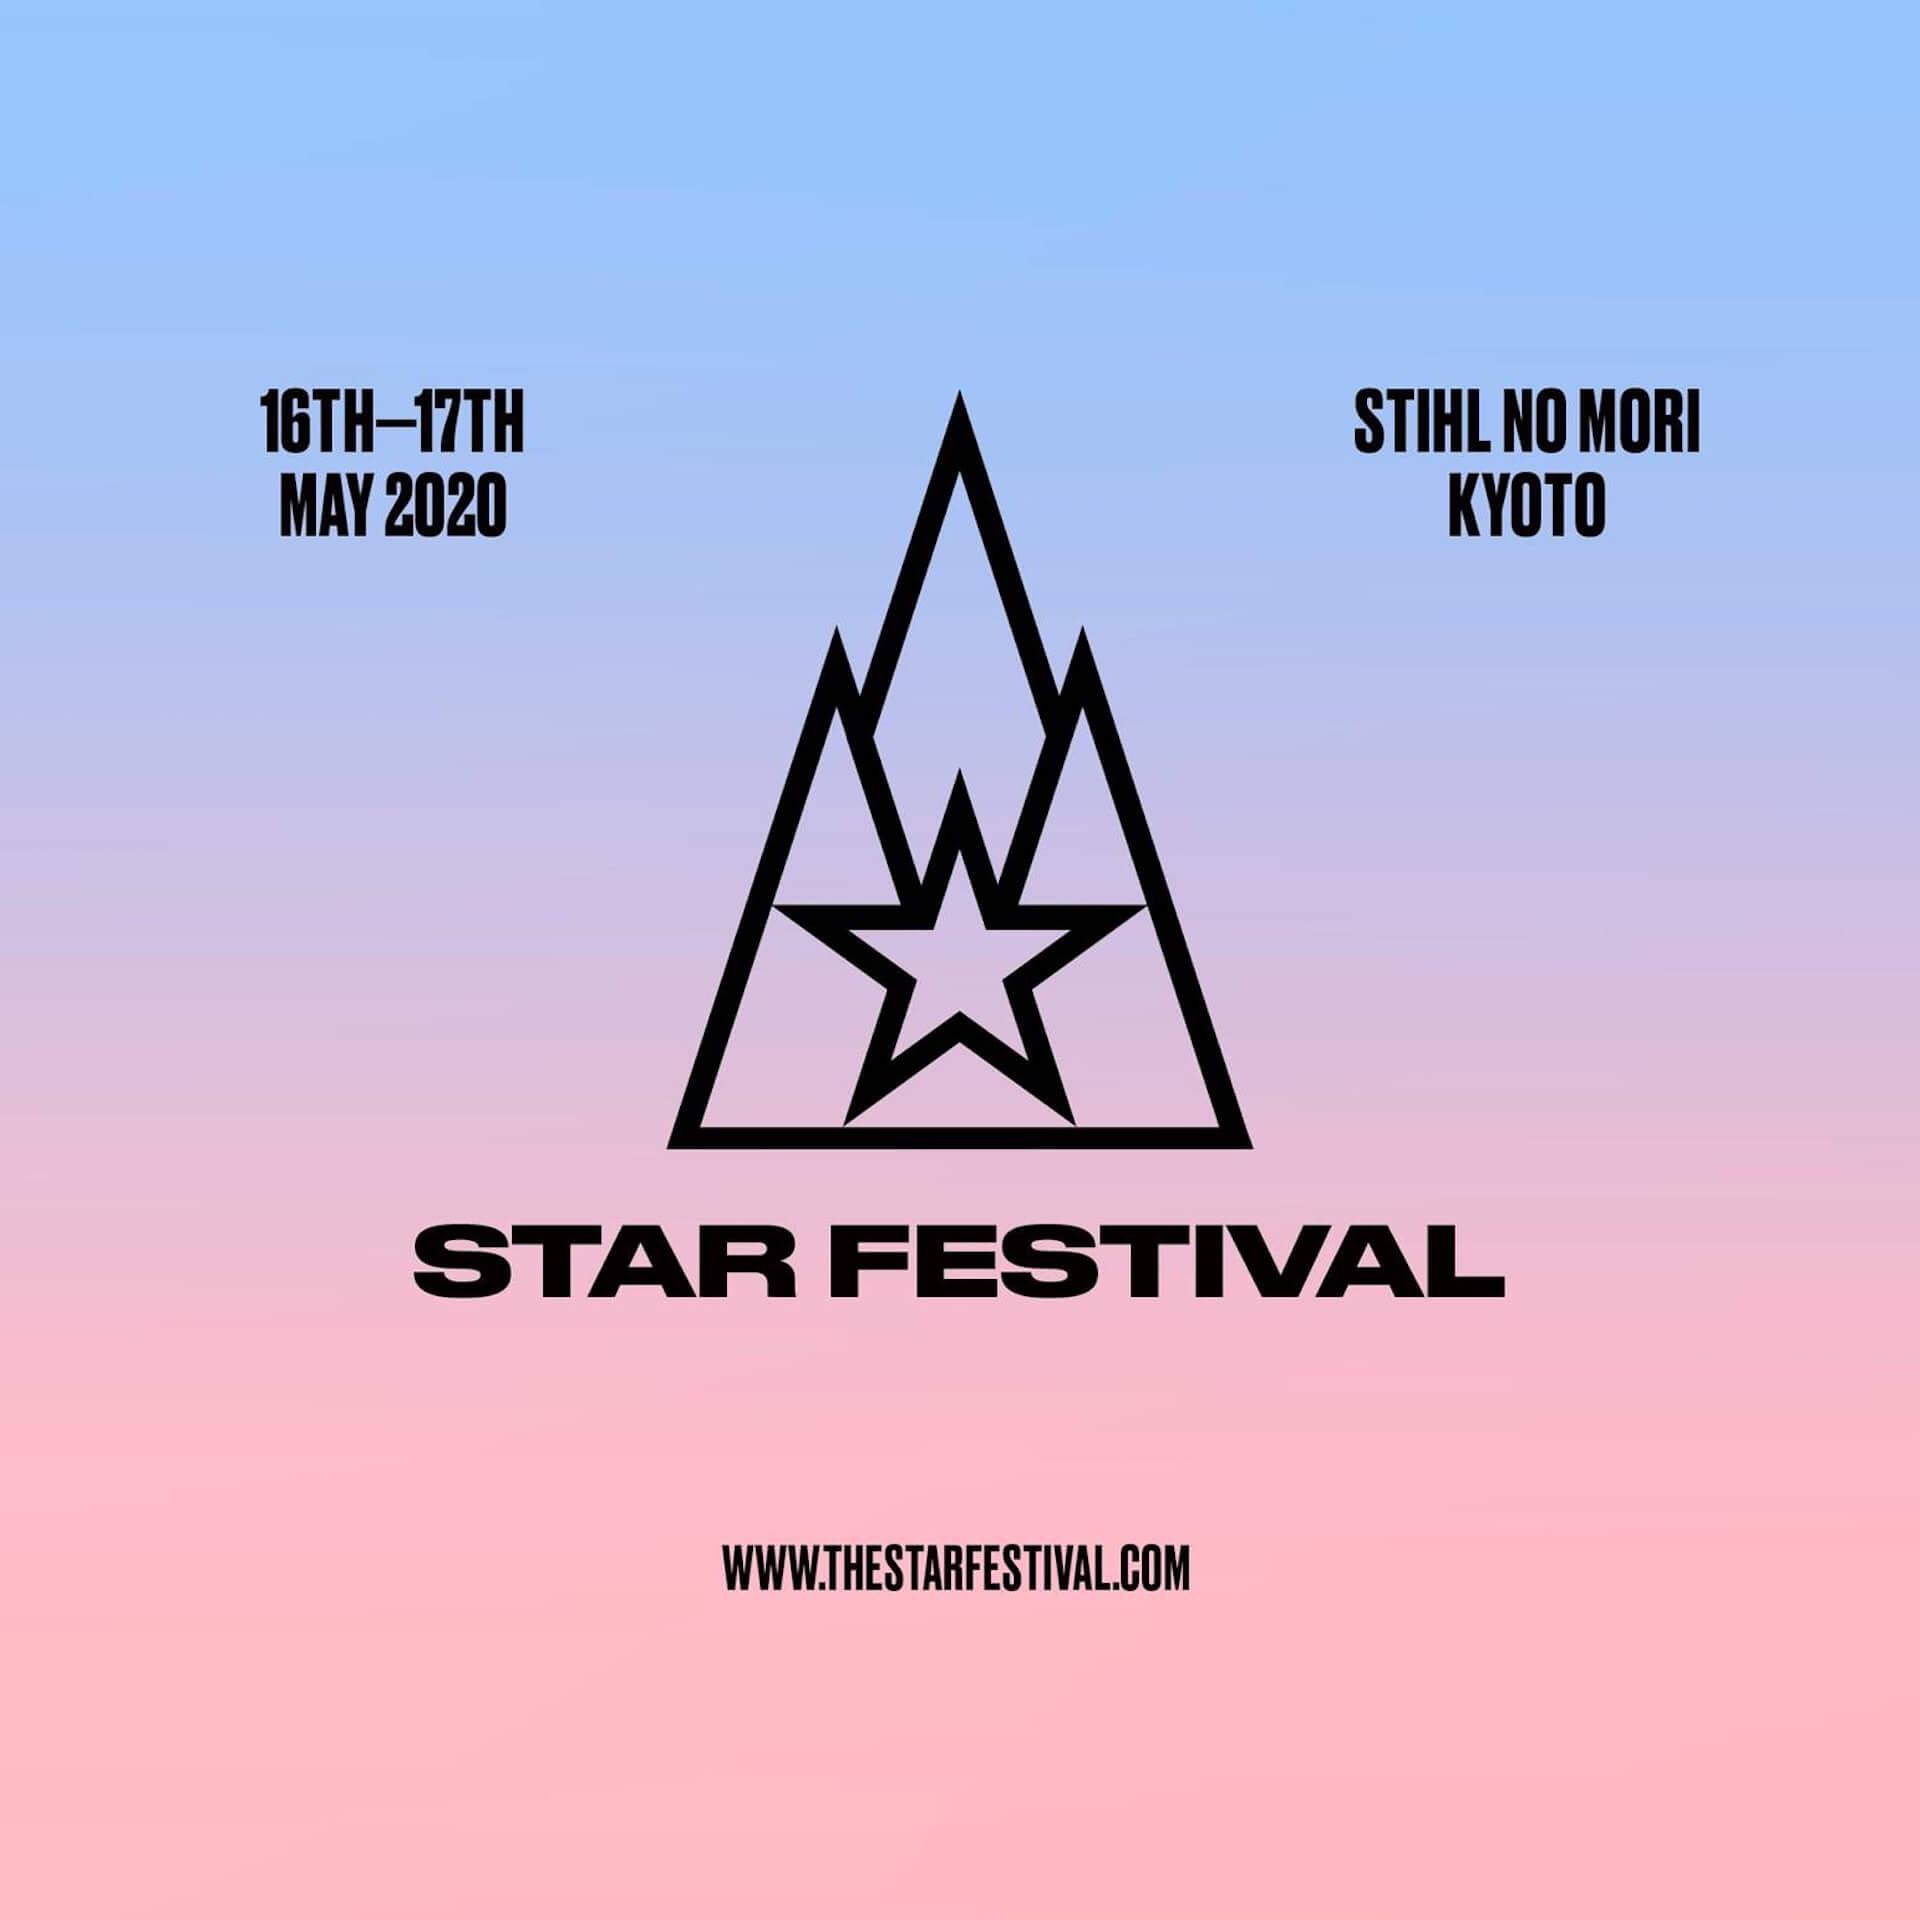 <STAR FESTIVAL 2020>が開催決定!今年もスチールの森京都で敢行 music200120_starfestival_1